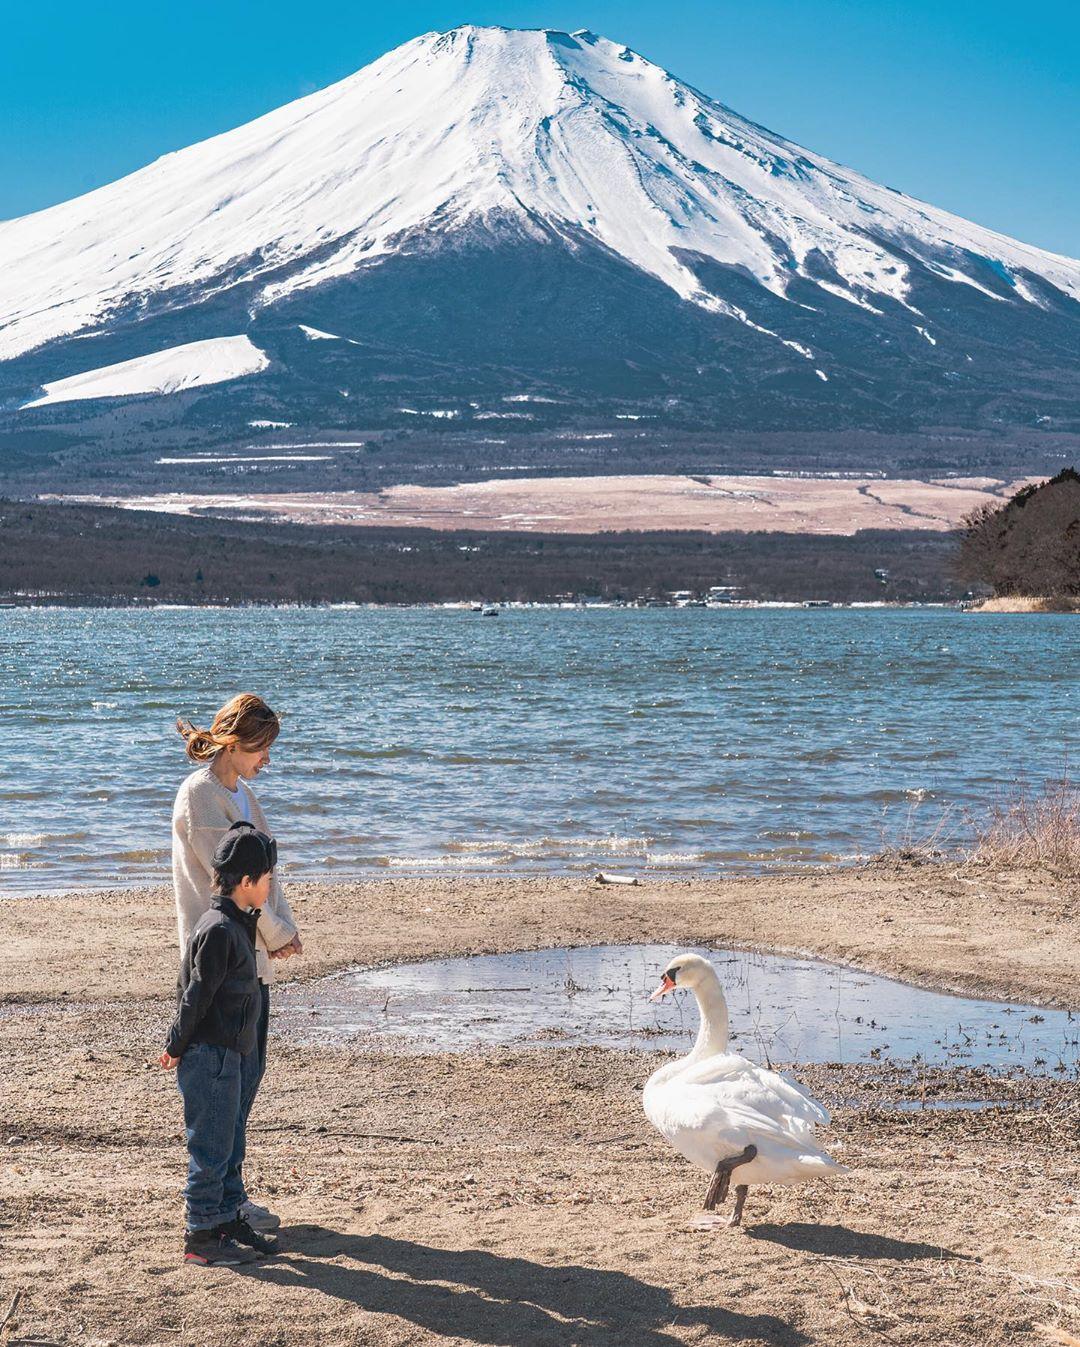 """Có một nước Nhật đẹp đến nao lòng qua ống kính của ông bố trẻ """"mê"""" chụp ảnh vợ và con trai, ai xem xong cũng """"tan chảy"""" - Ảnh 16."""